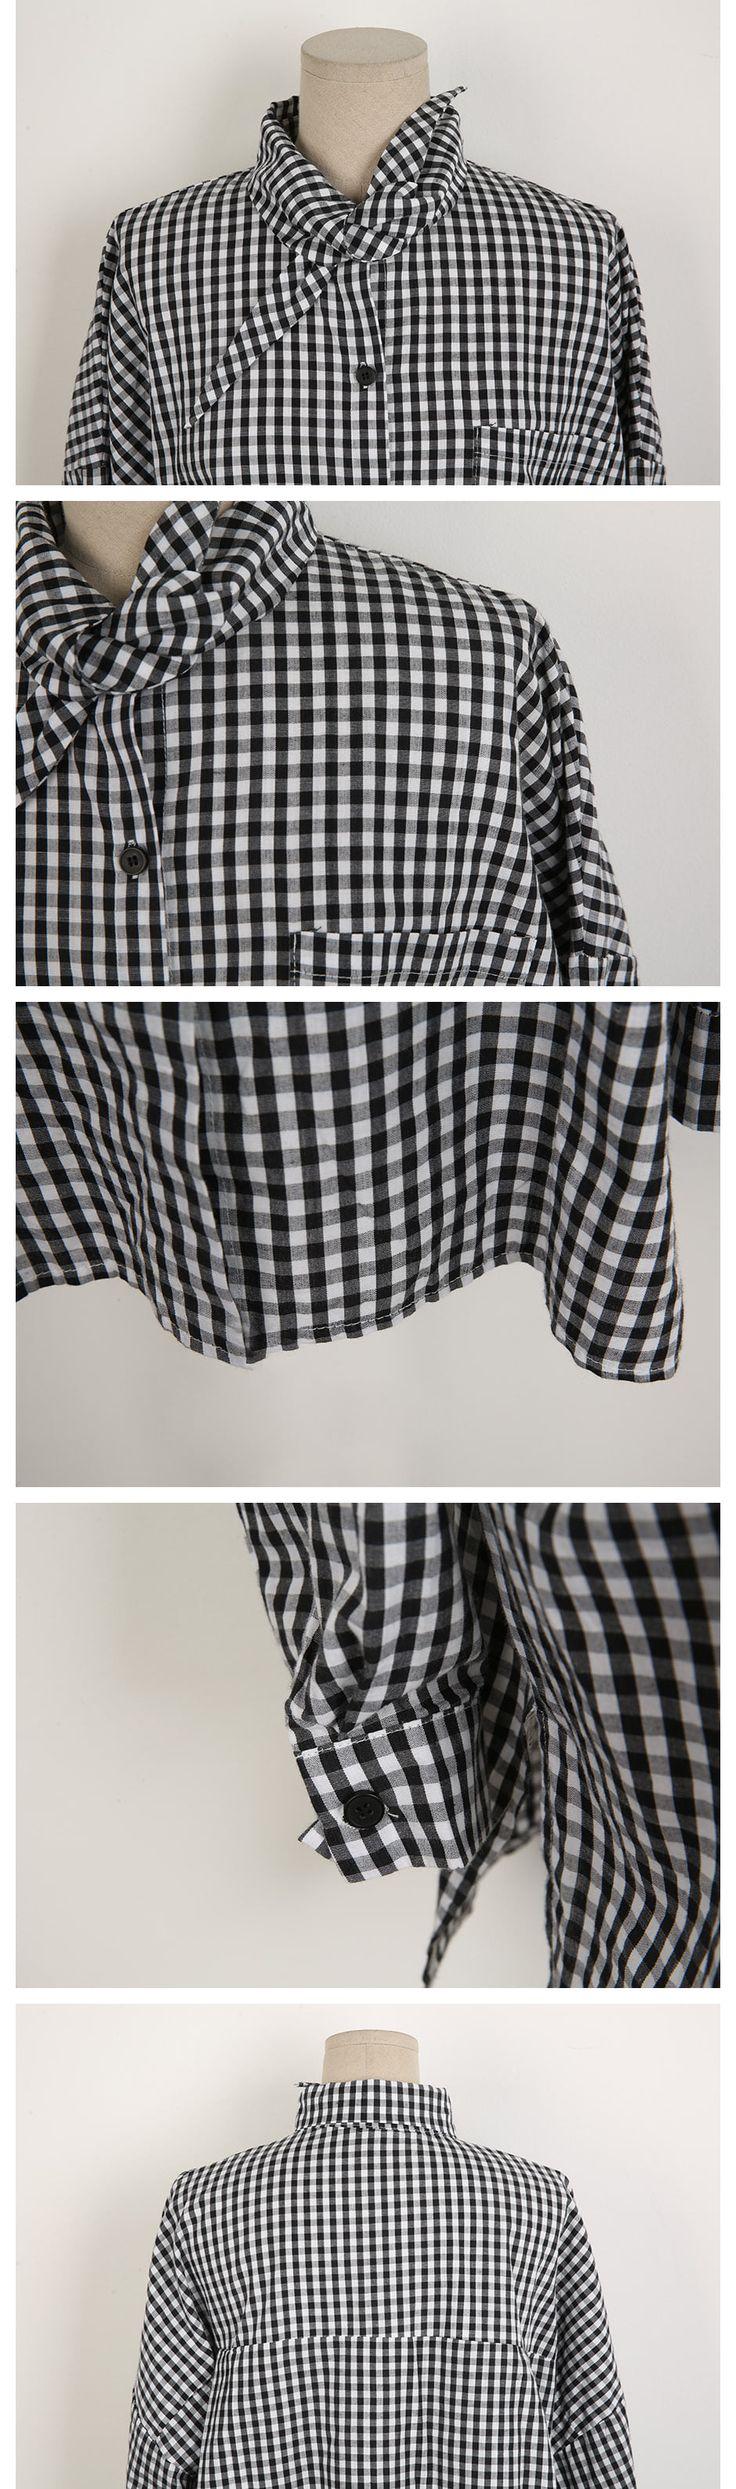 スカーフポイントネックシャツ | レディース・ガールズフ…